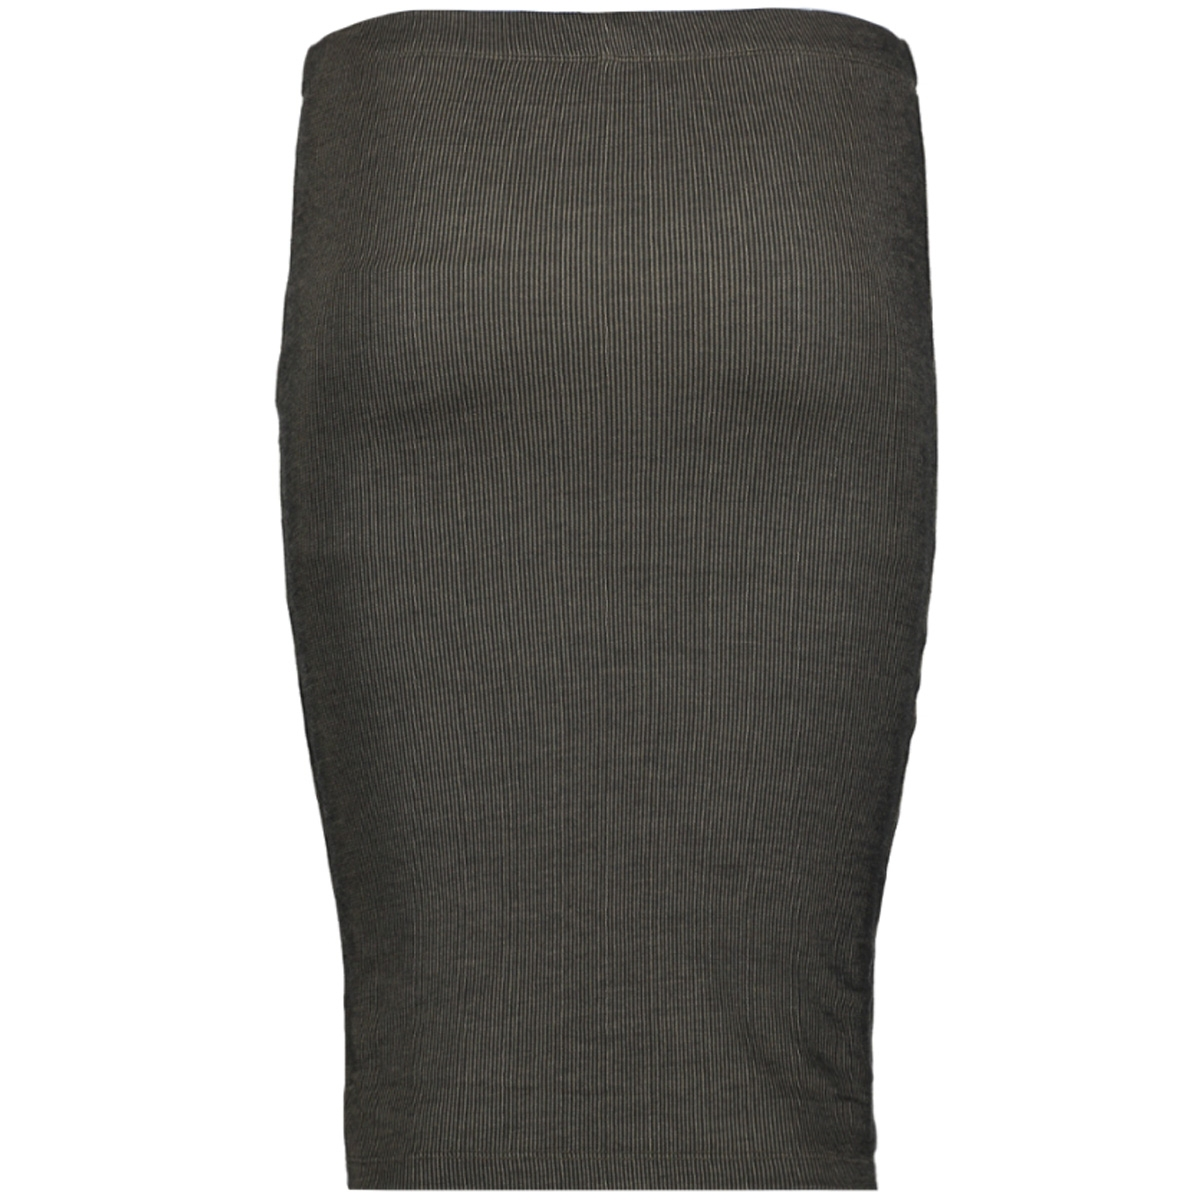 onlnew brooks calf skirt ess rp1 15149786 only rok tarmac